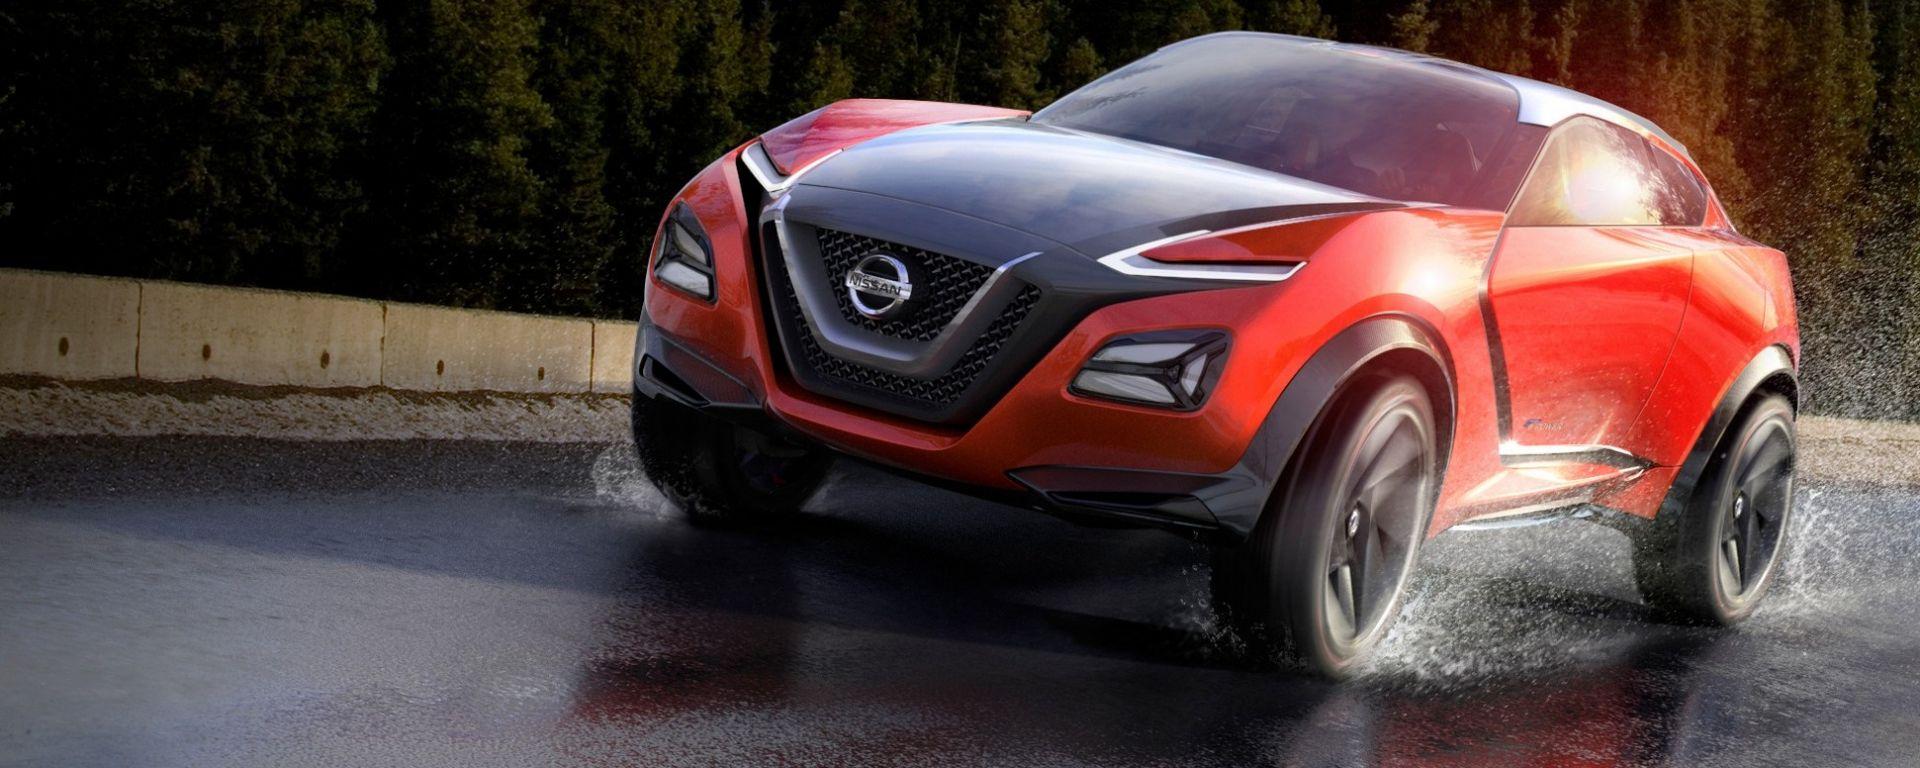 Nissan Juke 2018 >> Nuova Nissan Juke 2019: nuovi motori, prezzo, tempi di uscita - MotorBox